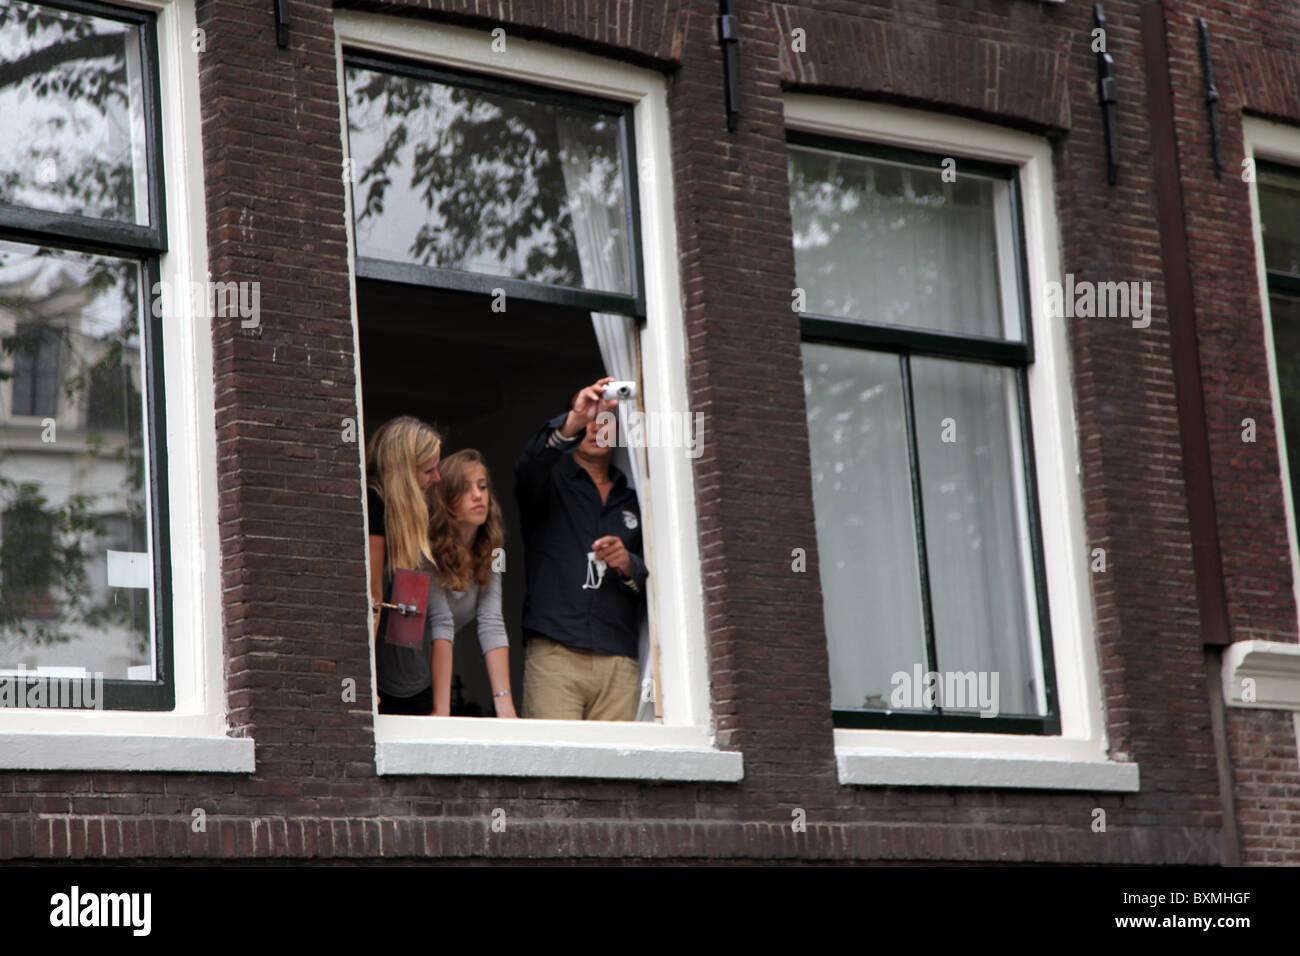 L'observation de la famille d'une fenêtre au cours de Gay Pride 2010 Photo Stock